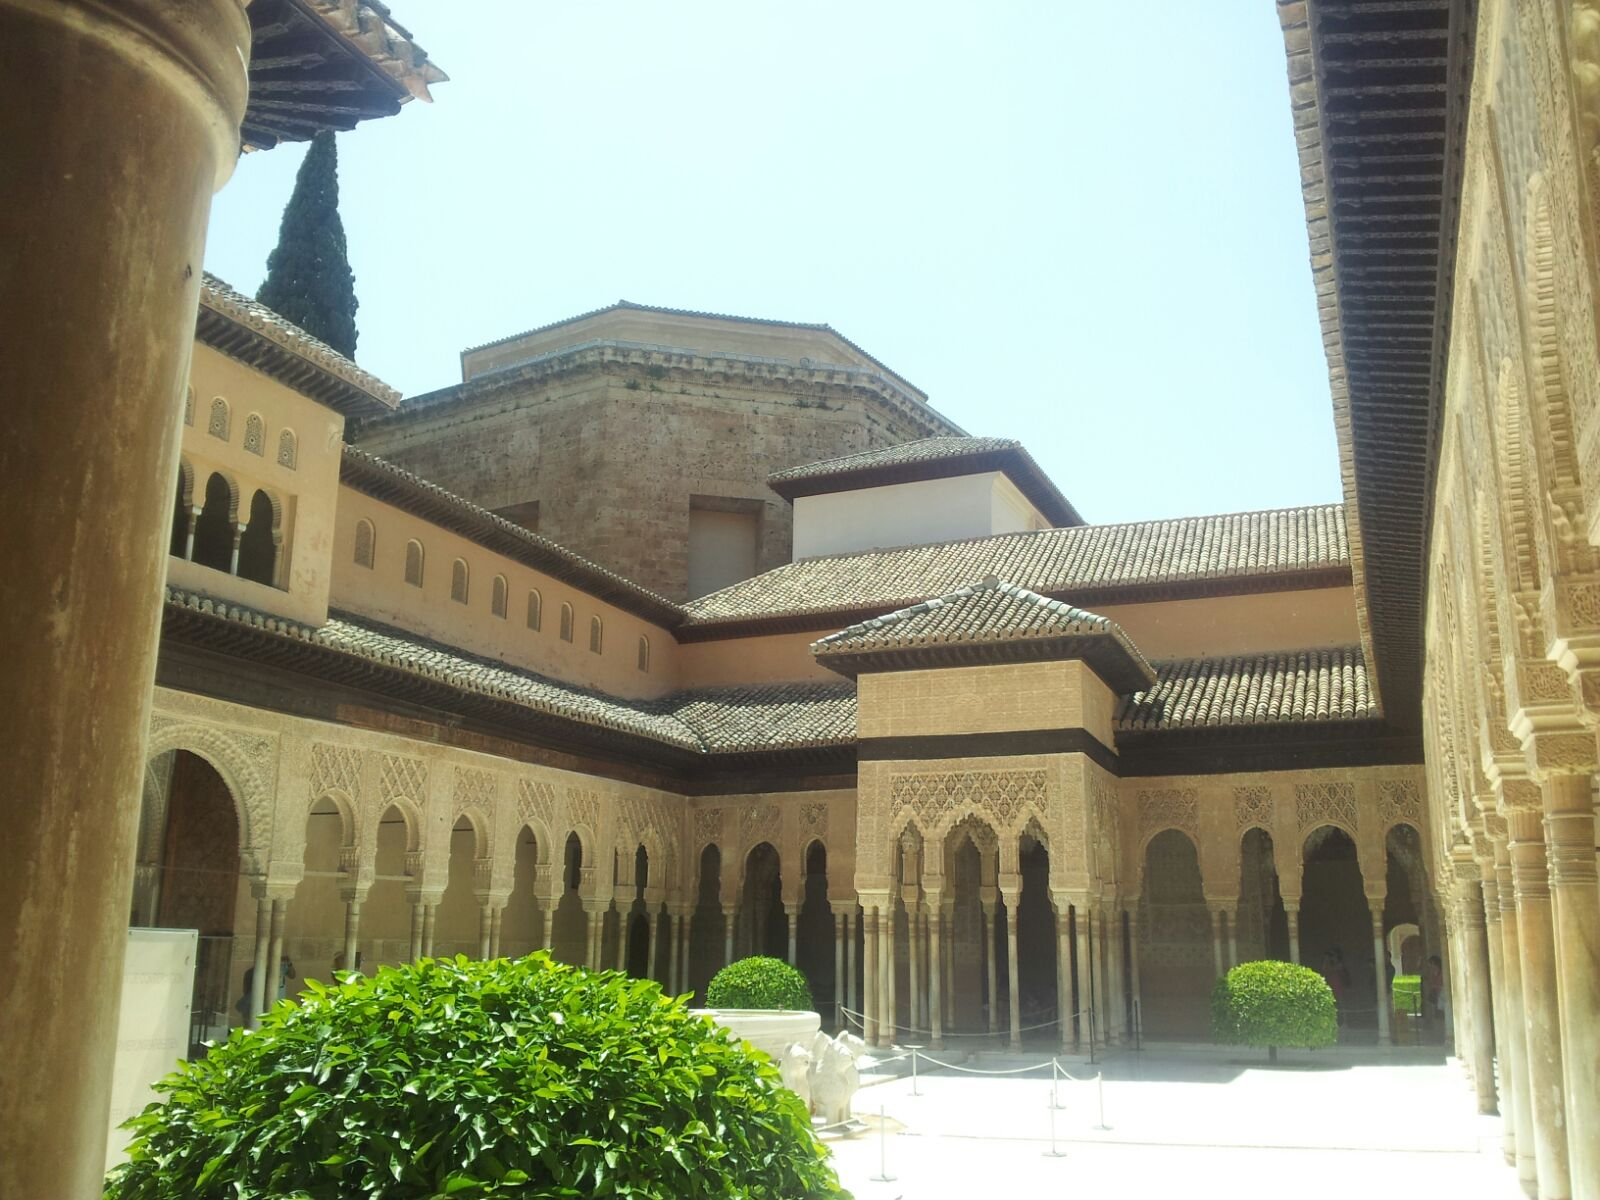 uno scorcio dell'Alhambra dall'interno